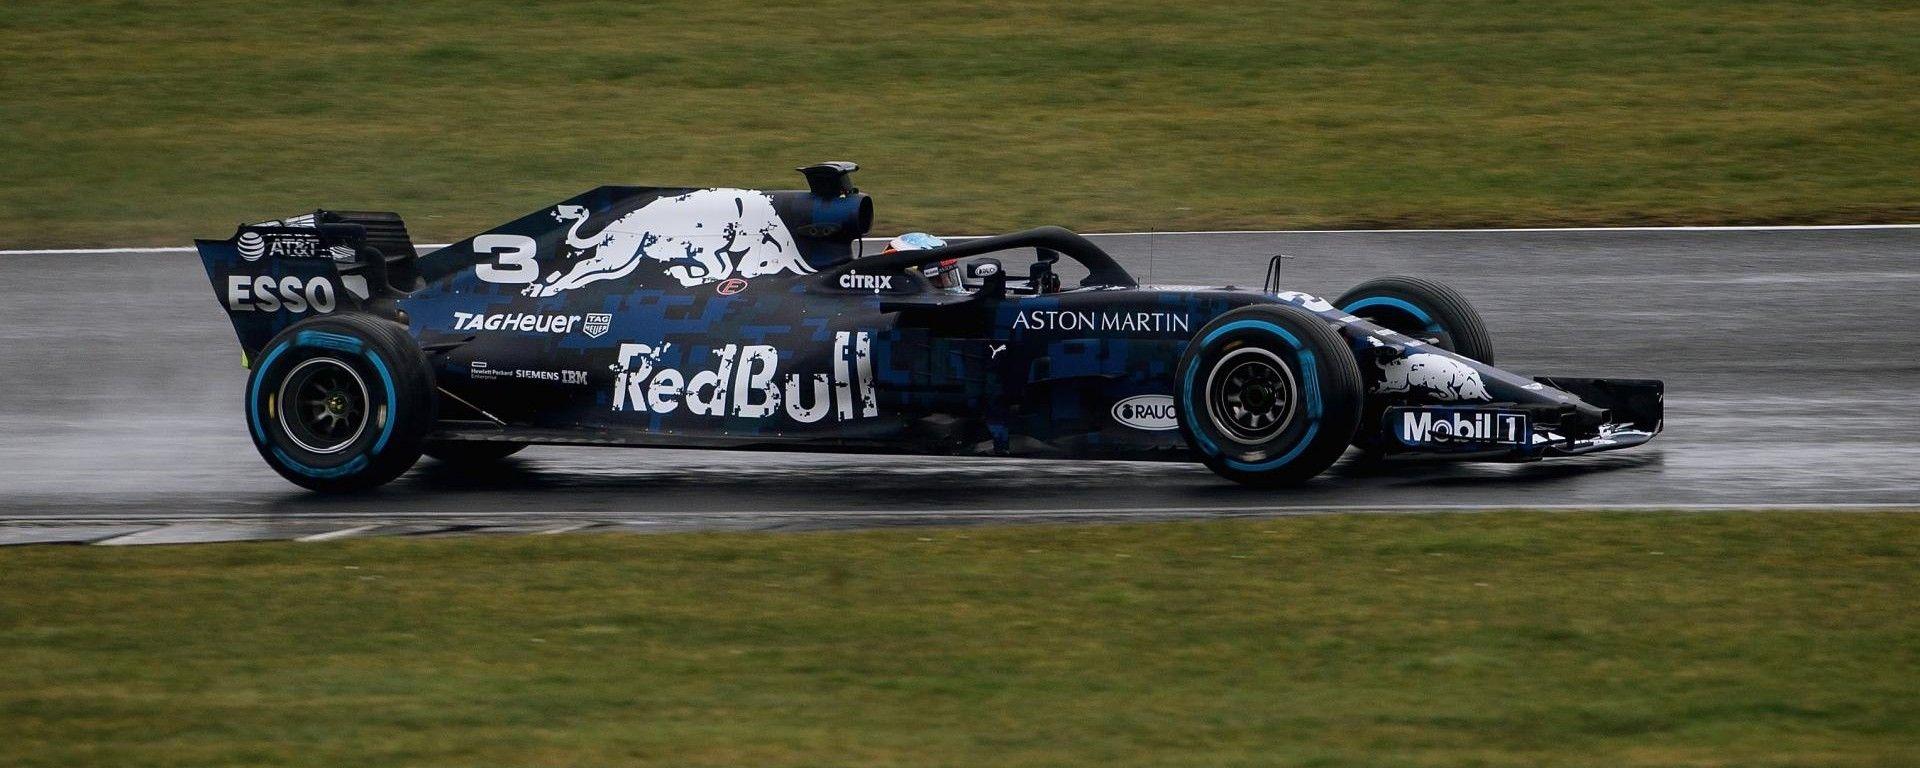 Ricciardo prova la Red Bull 2018 a Silverstone: il video